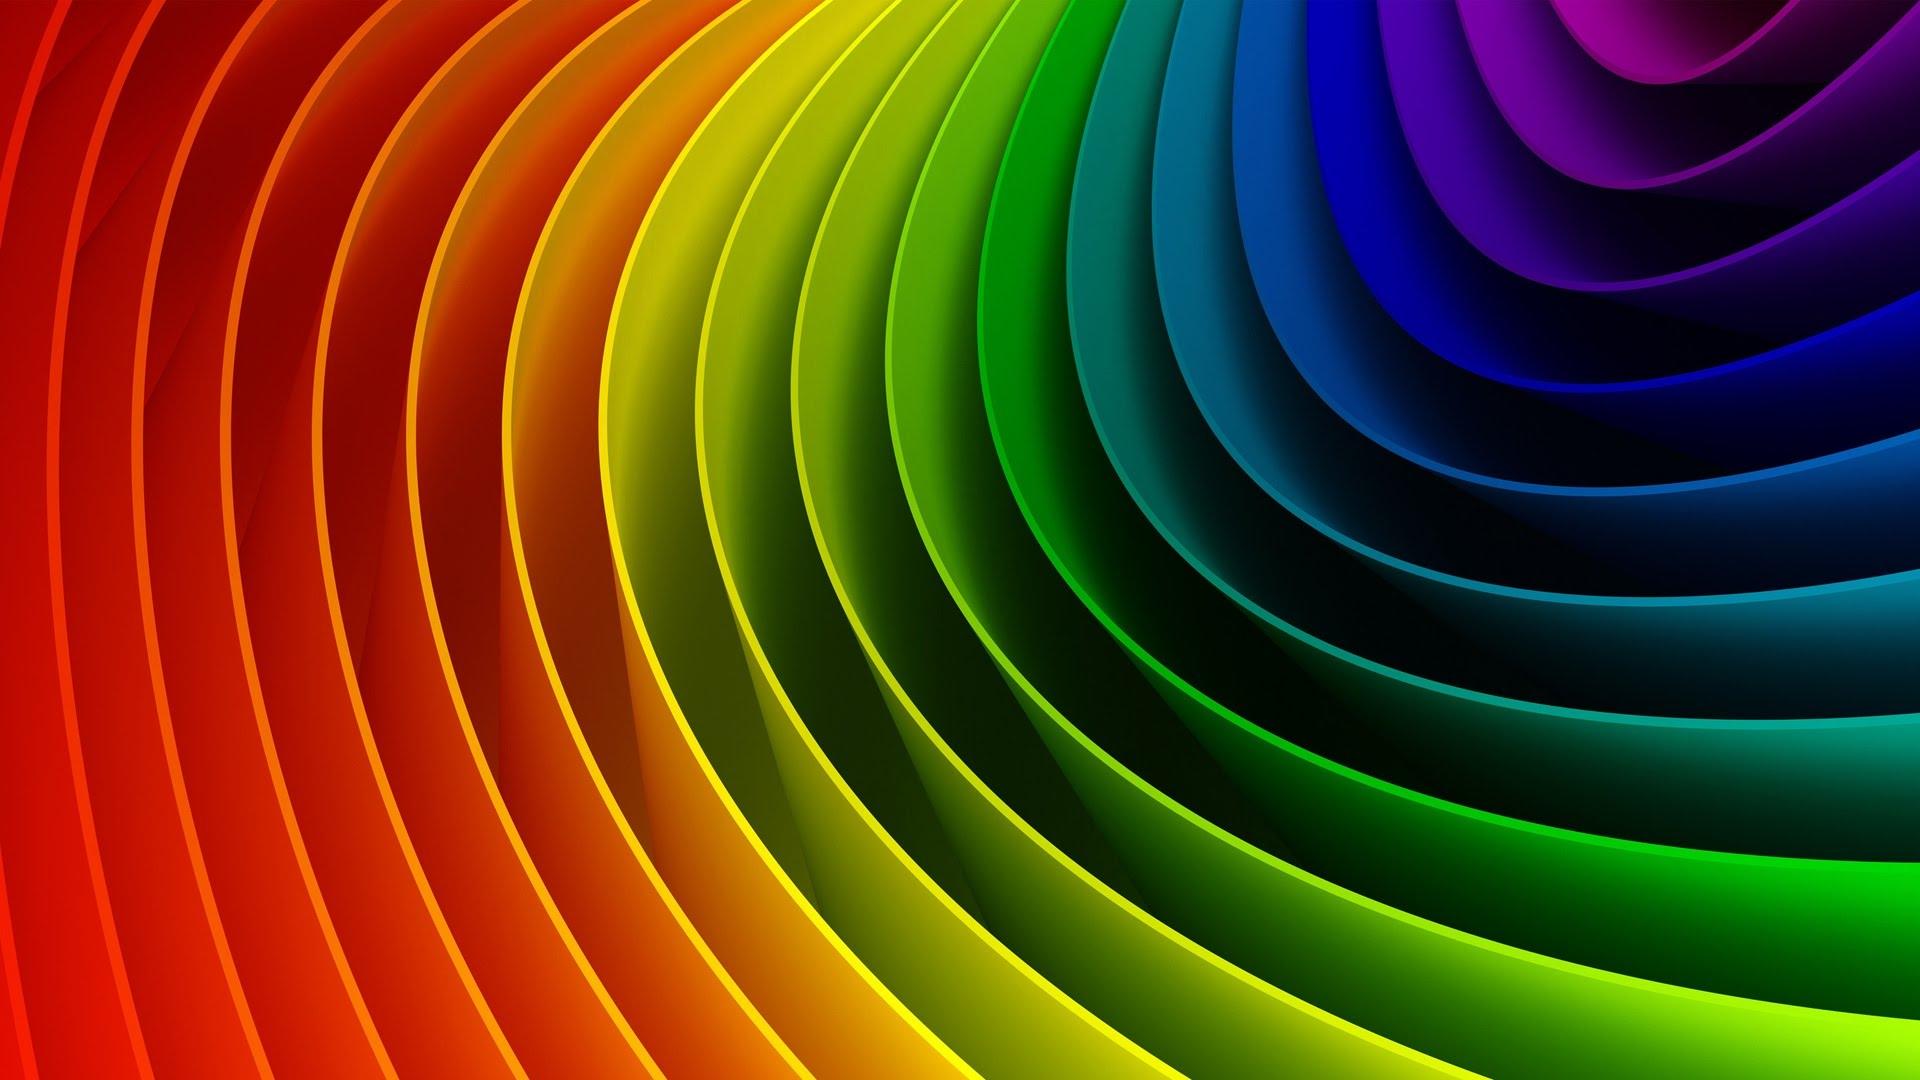 Màu sậm là màu chứa màu đen trong khi phối màu